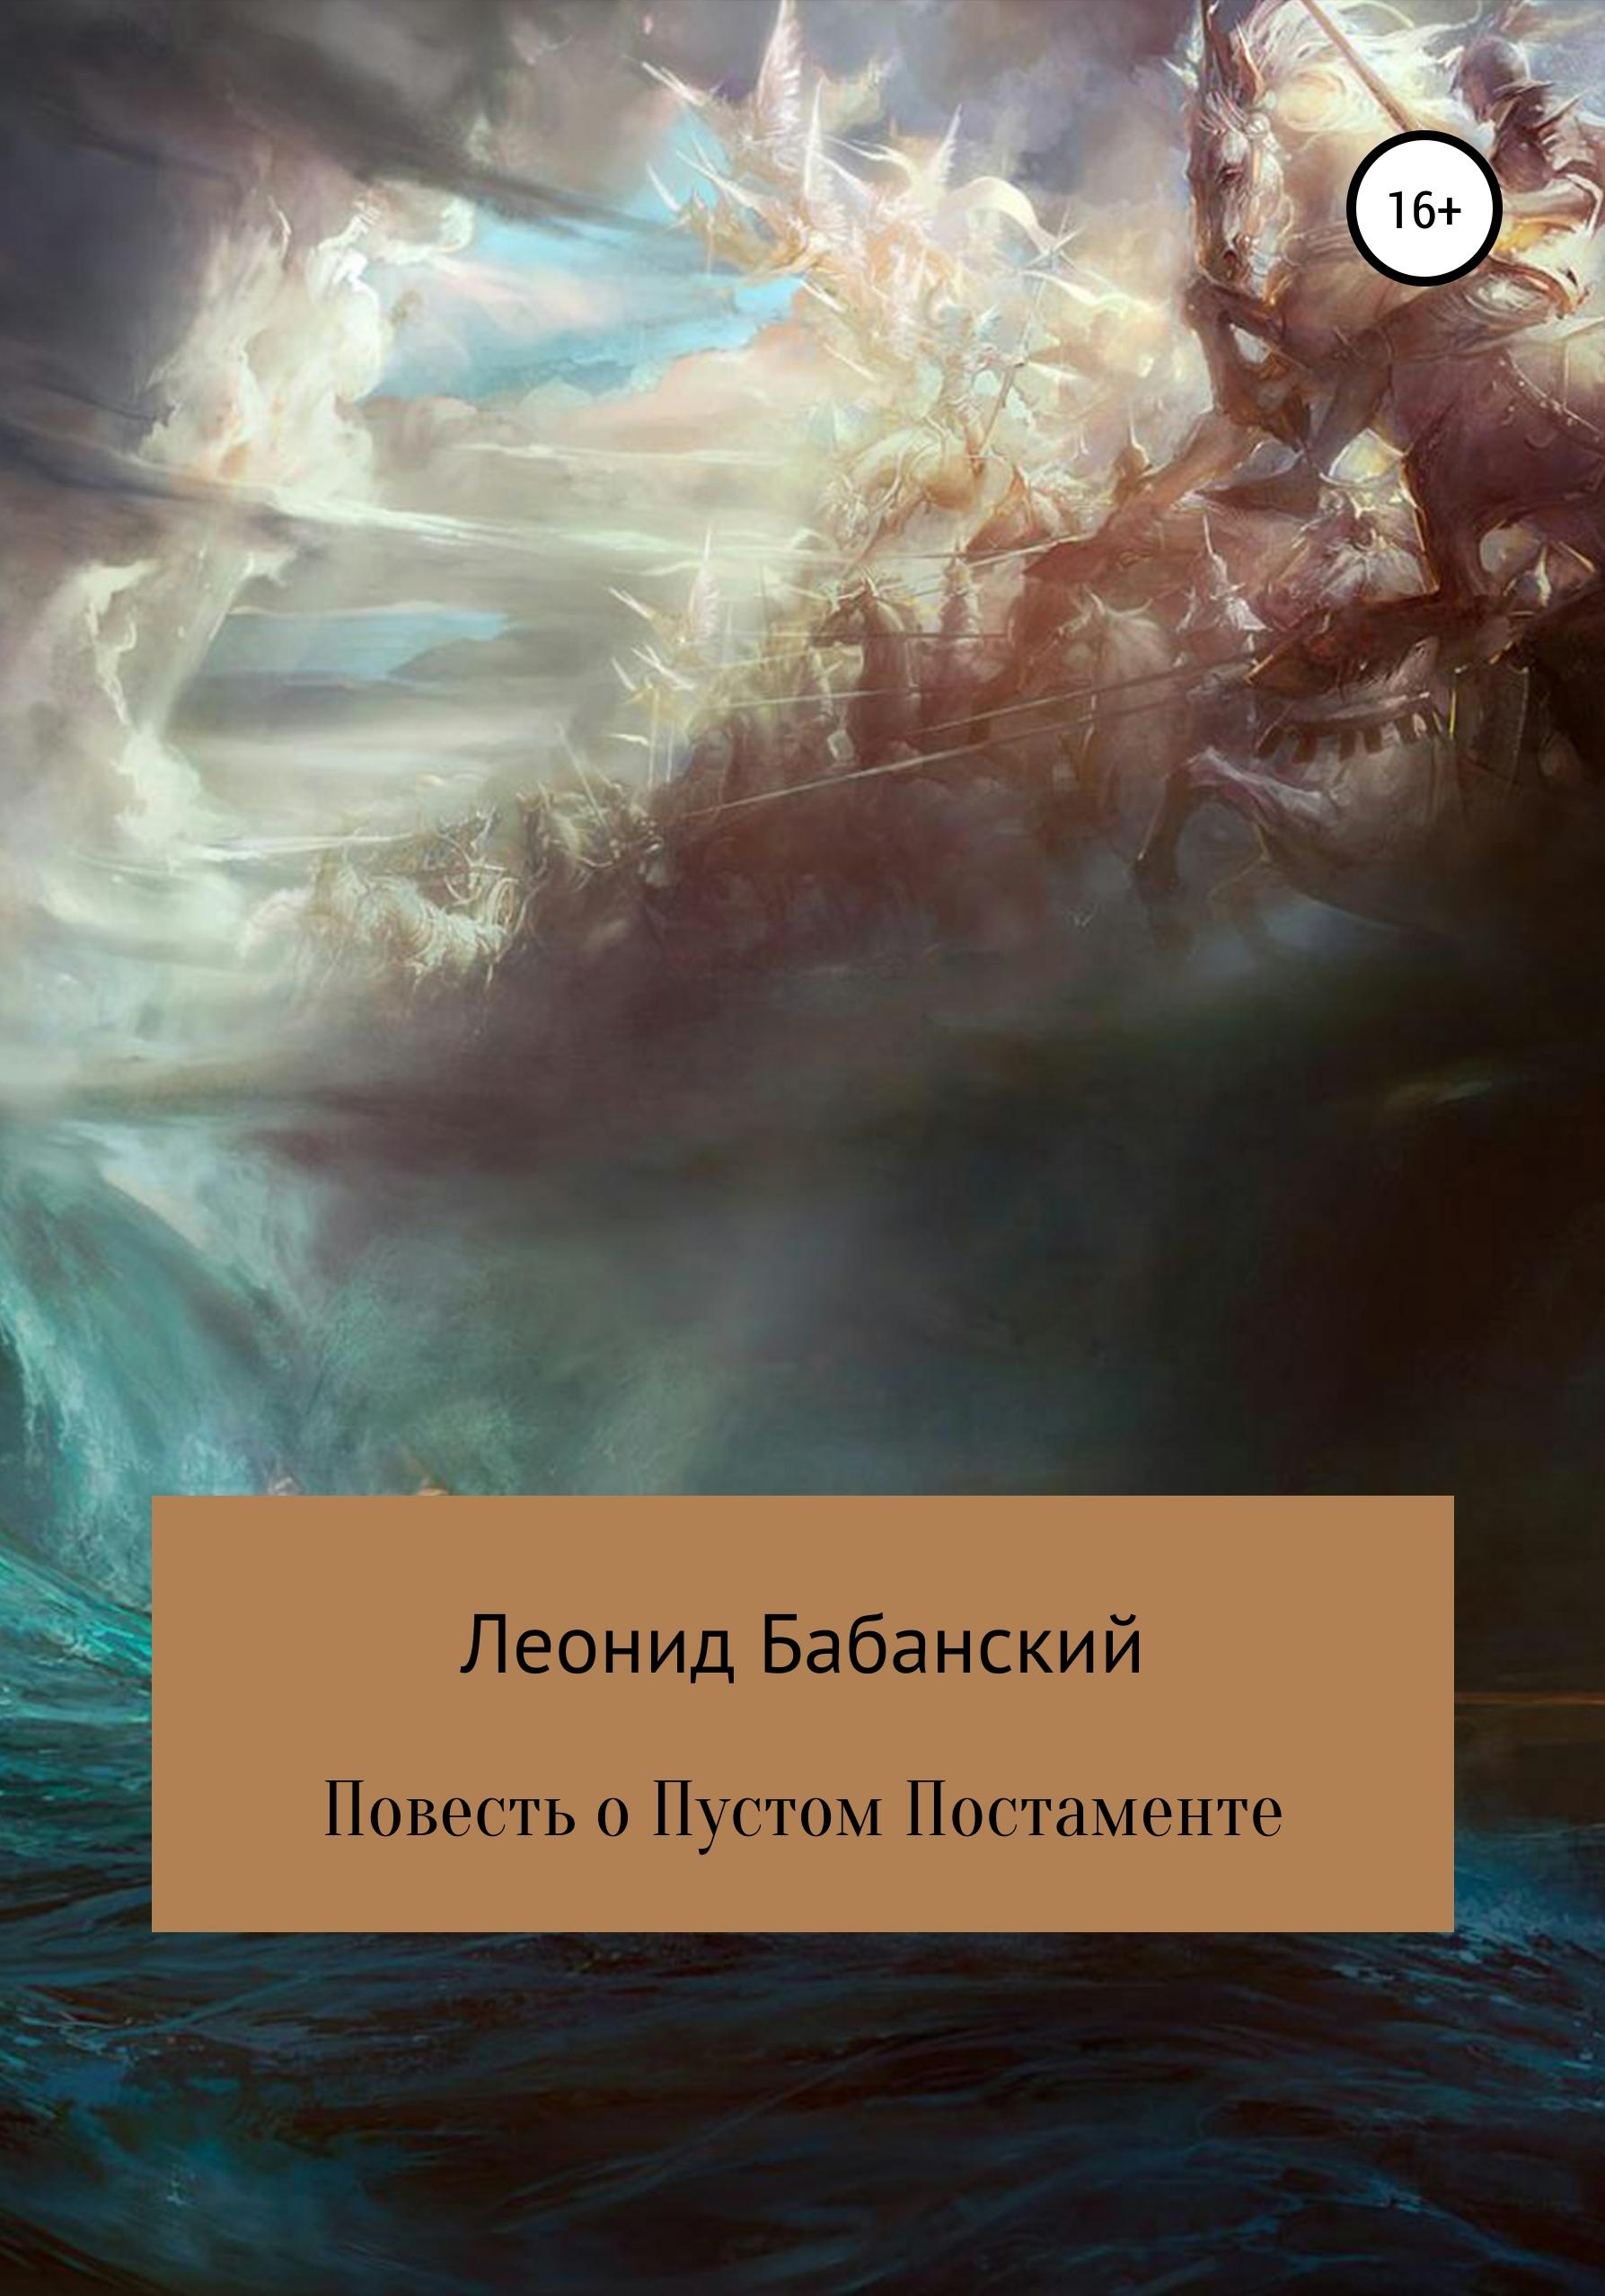 Леонид Бабанский Сверхпослезавтра павел морозов взрослый театр современная драматургия